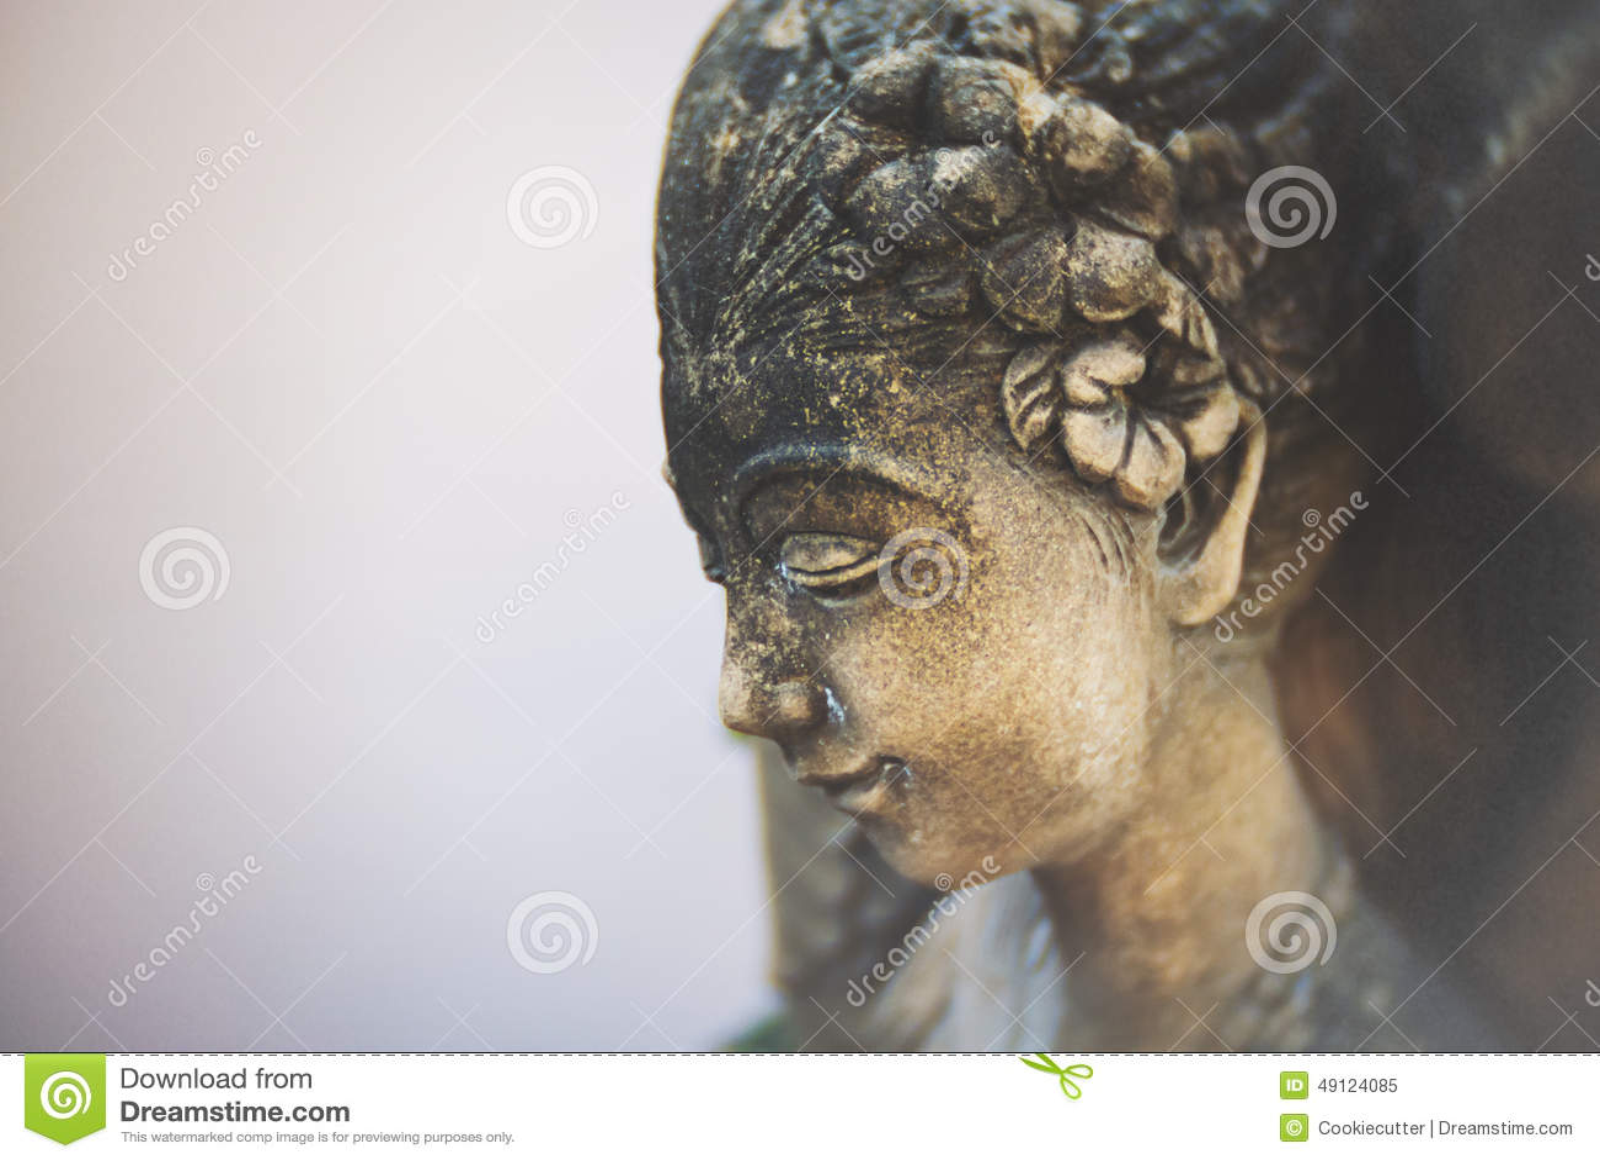 Odpoczynkowa statua